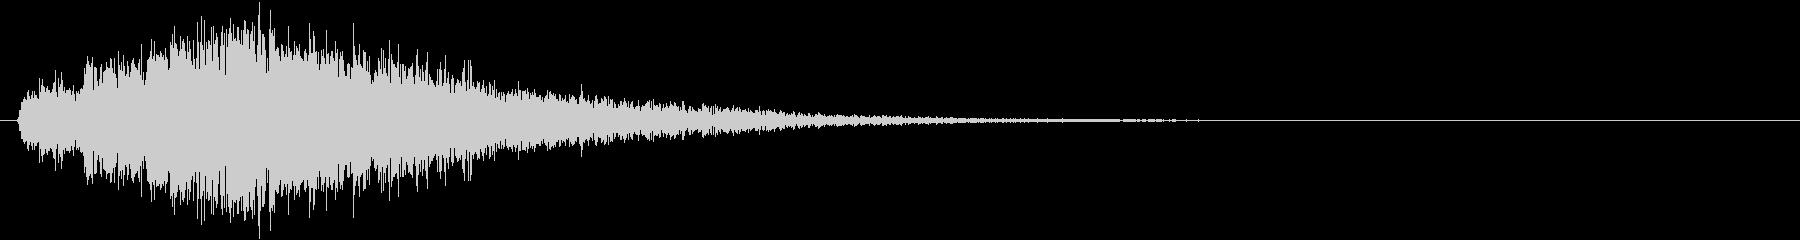 アニマルスティンガー; Eerie...の未再生の波形